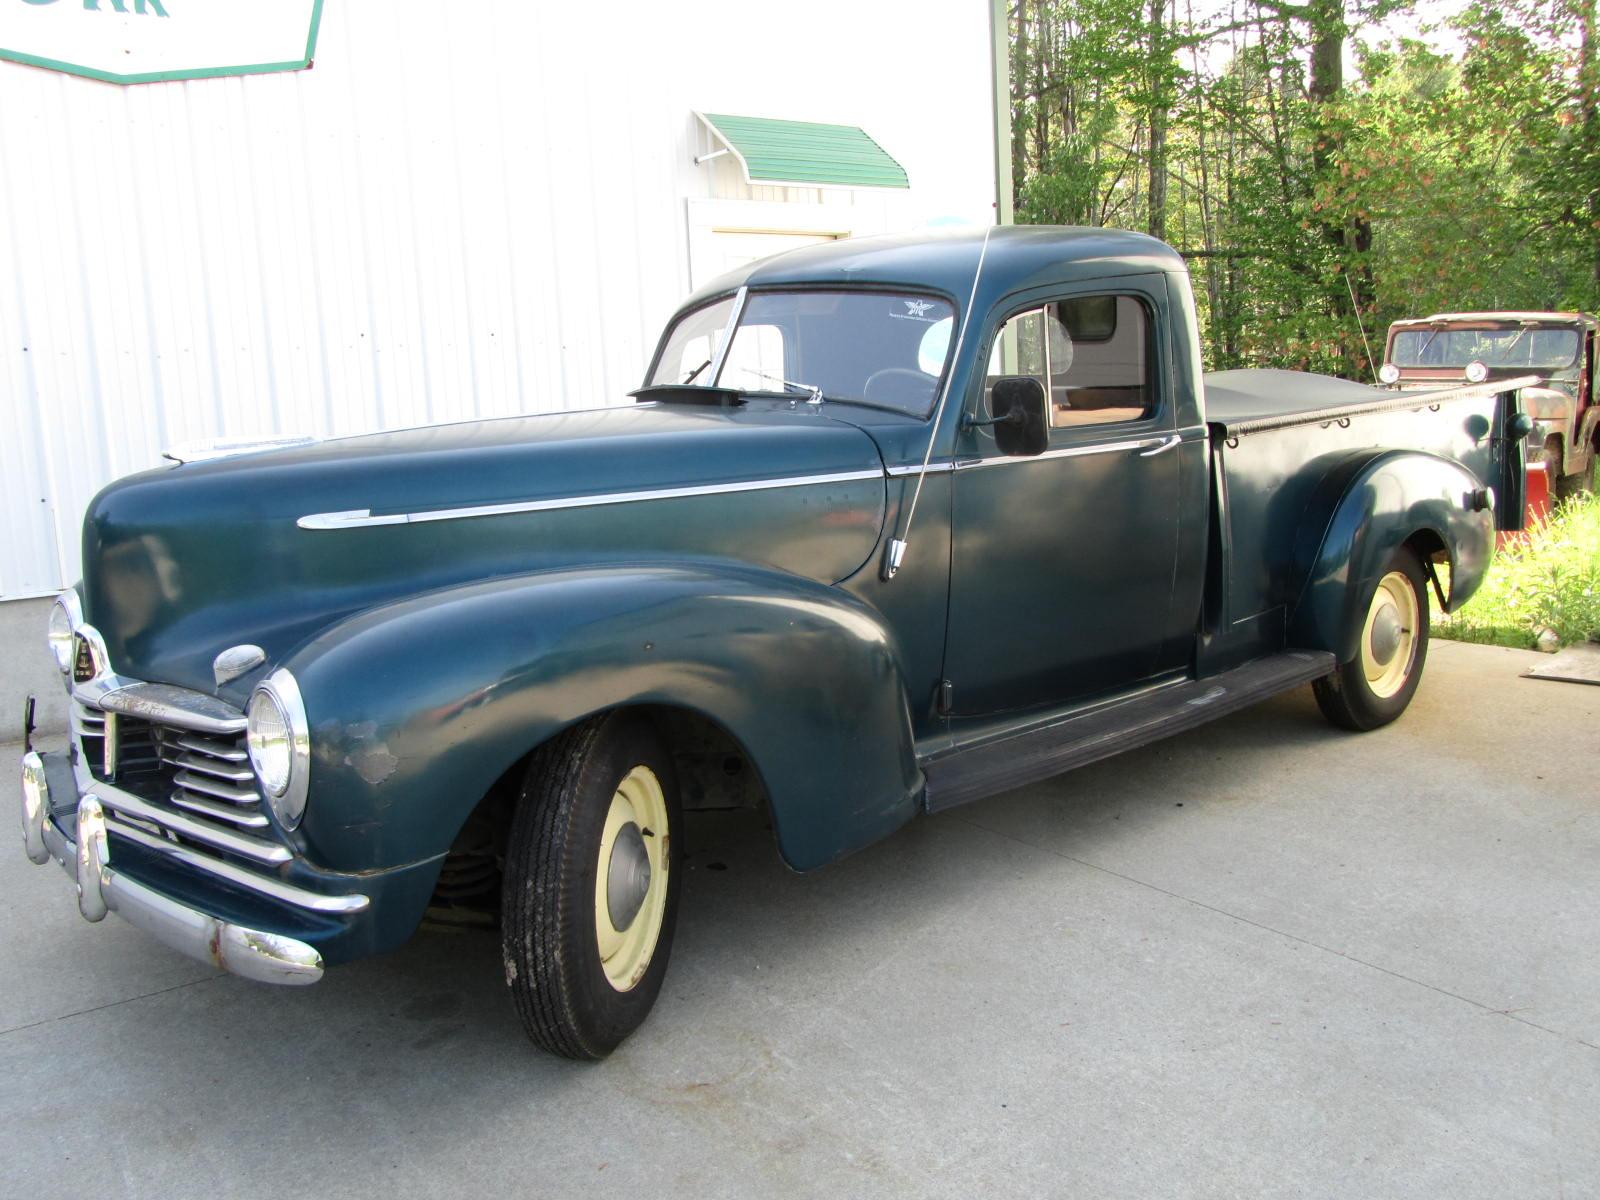 Autoliterate 1946 hudson pickup